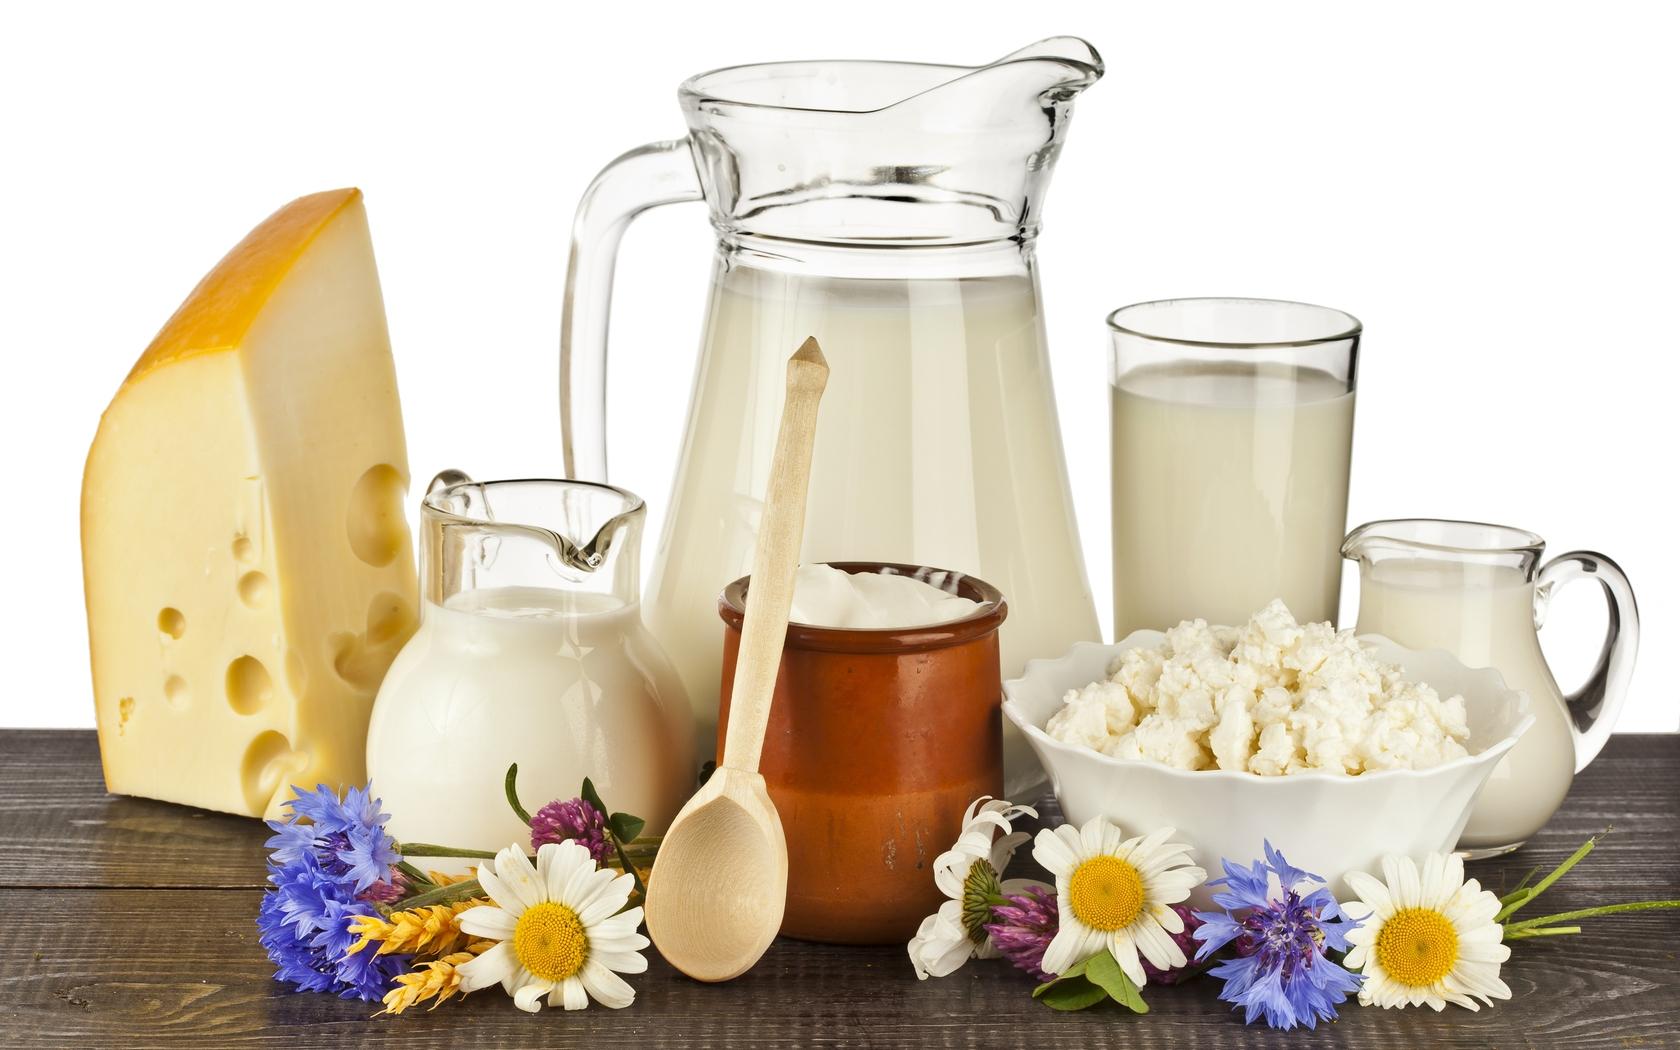 Картинки по запросу Для молочных продуктов: